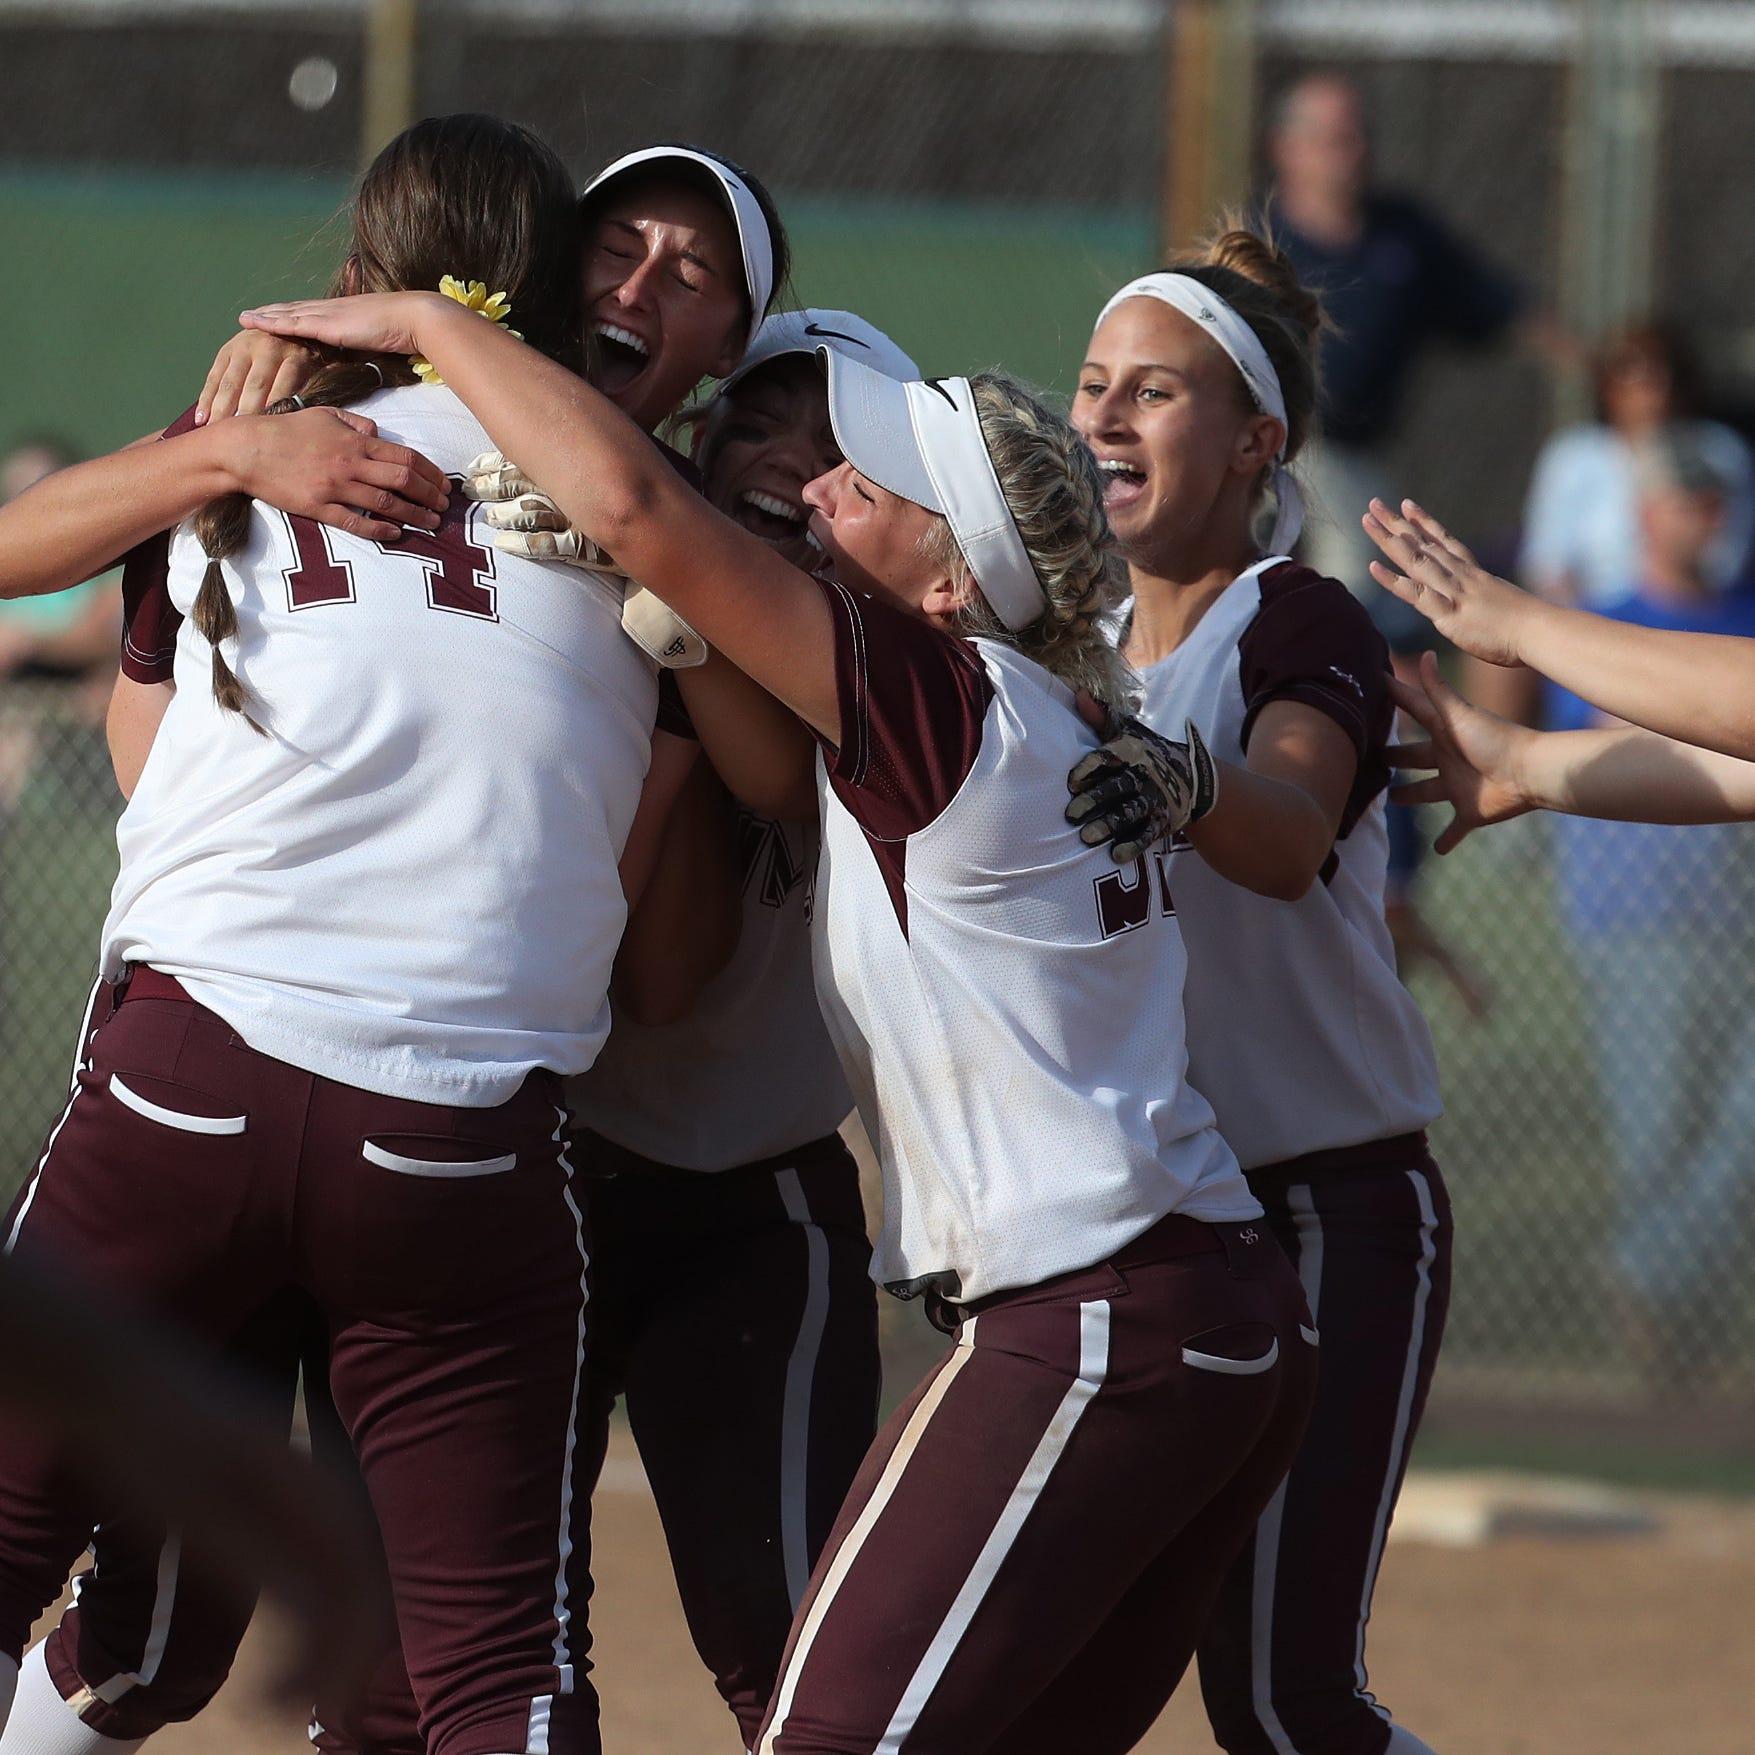 The Caravel Academy softball team celebrate an...